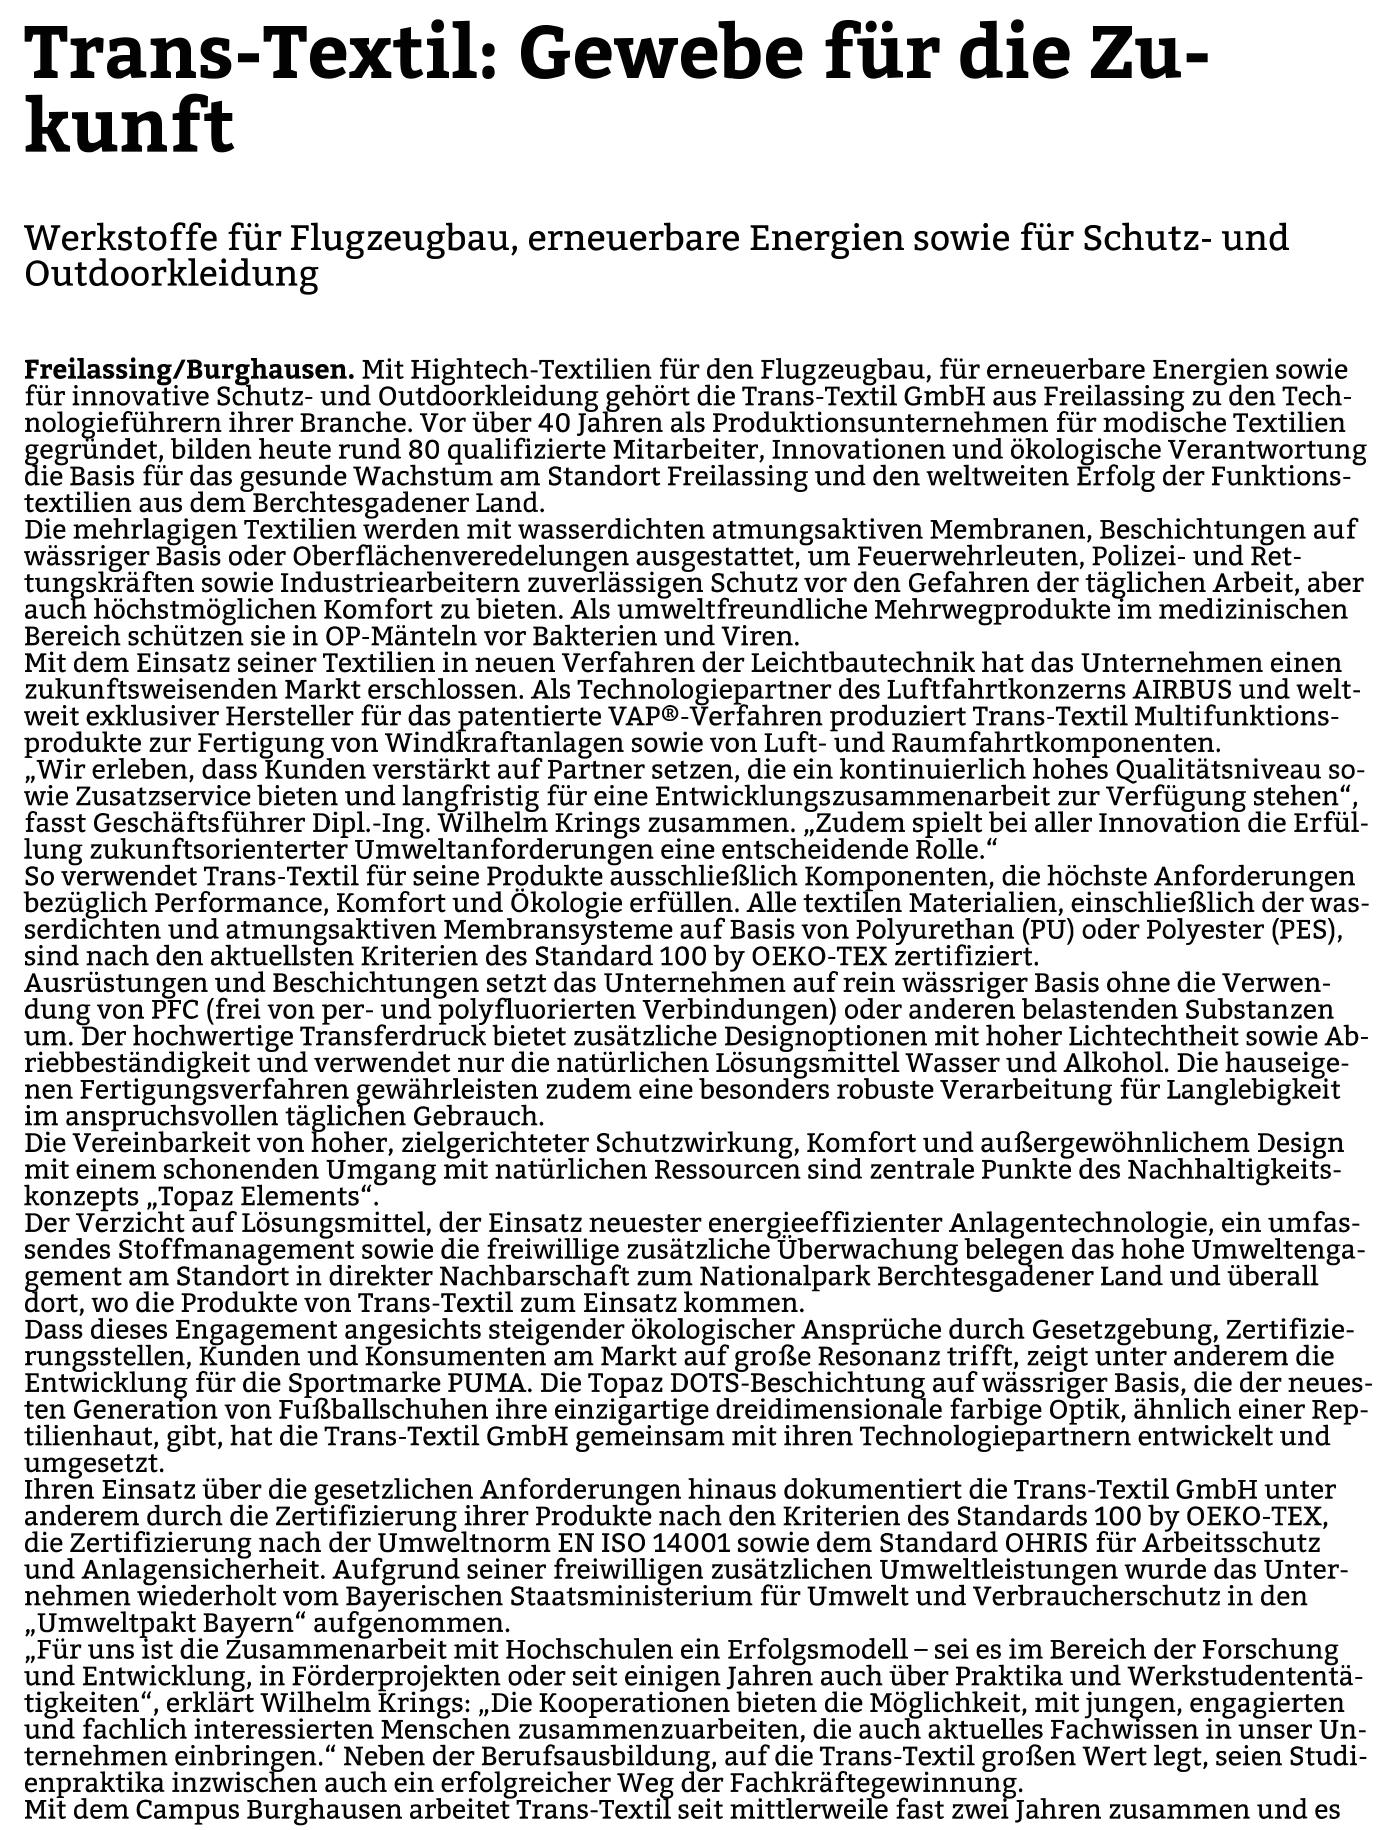 Trans-Textil Pressebericht PNP